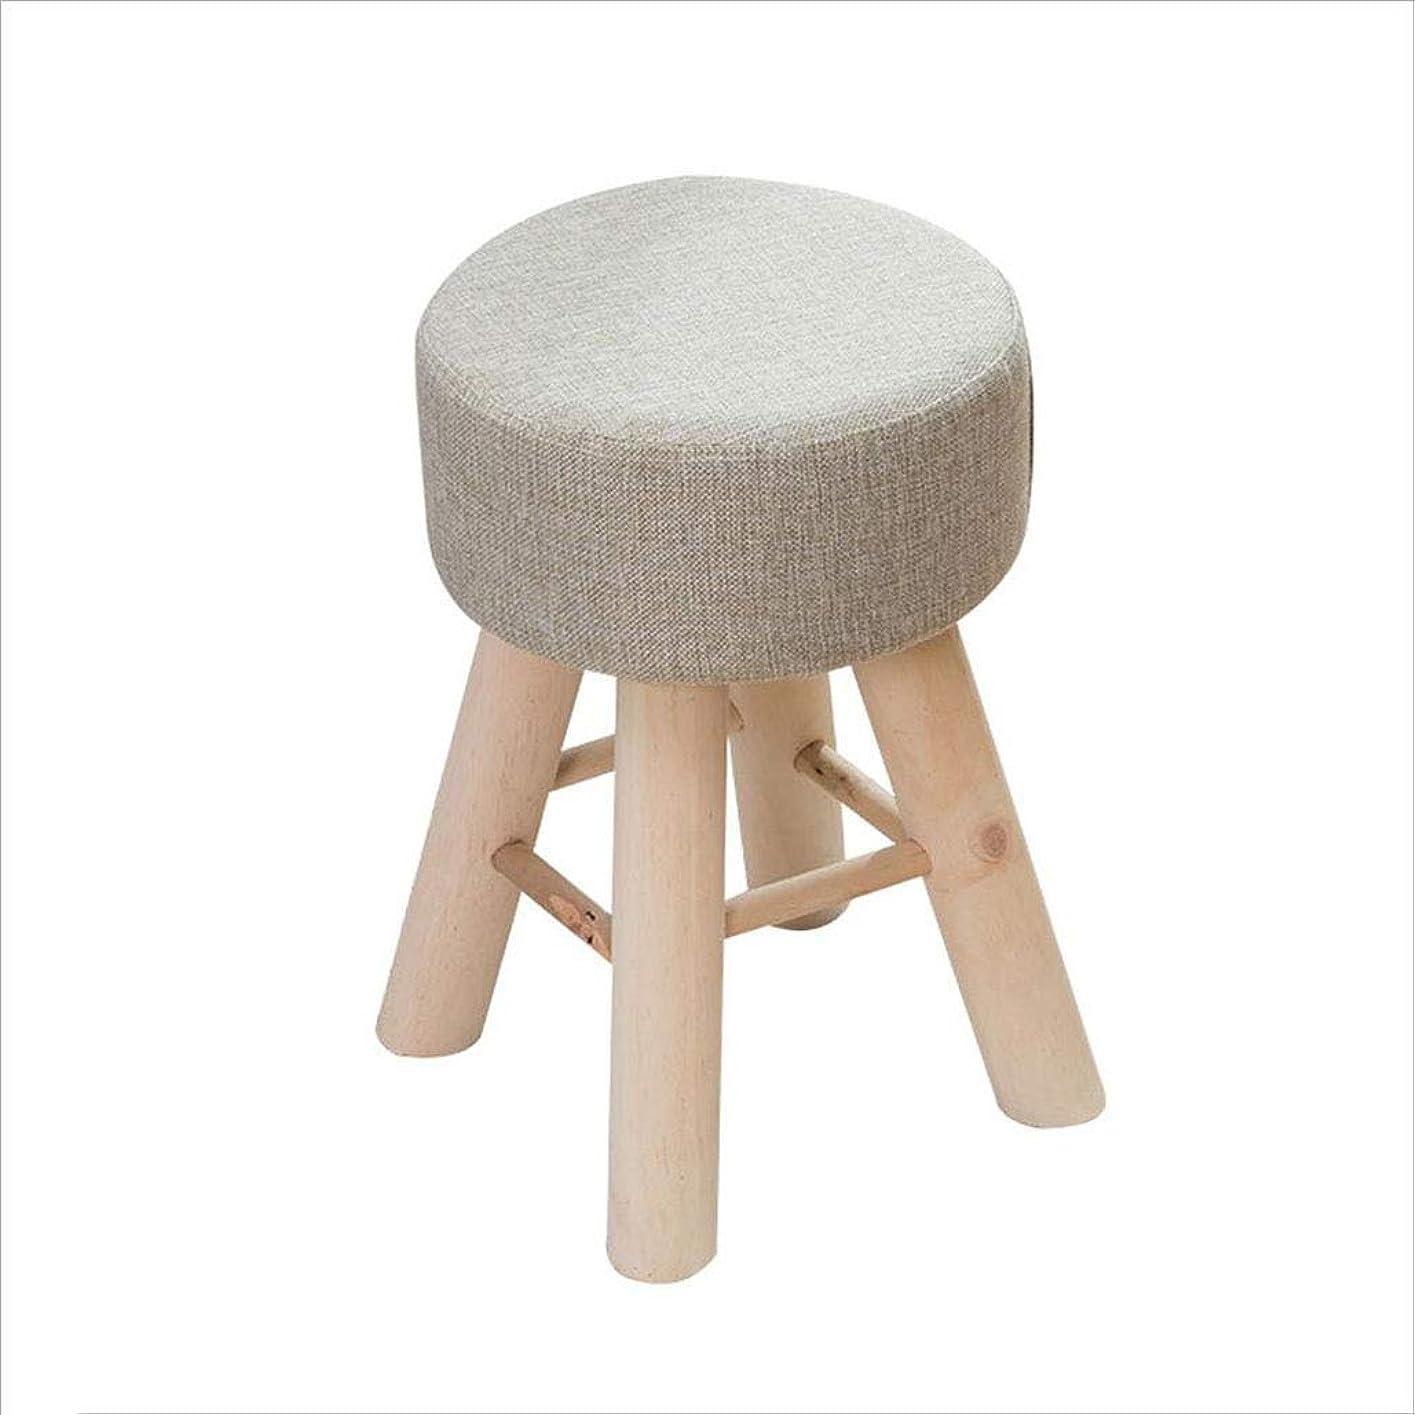 準備それによって用心スツール純木のスツールホームスモールベンチスツールスモールクリエイティブな小さな椅子スツールファブリックメイクスツールドレッシングスツール、43×28cm